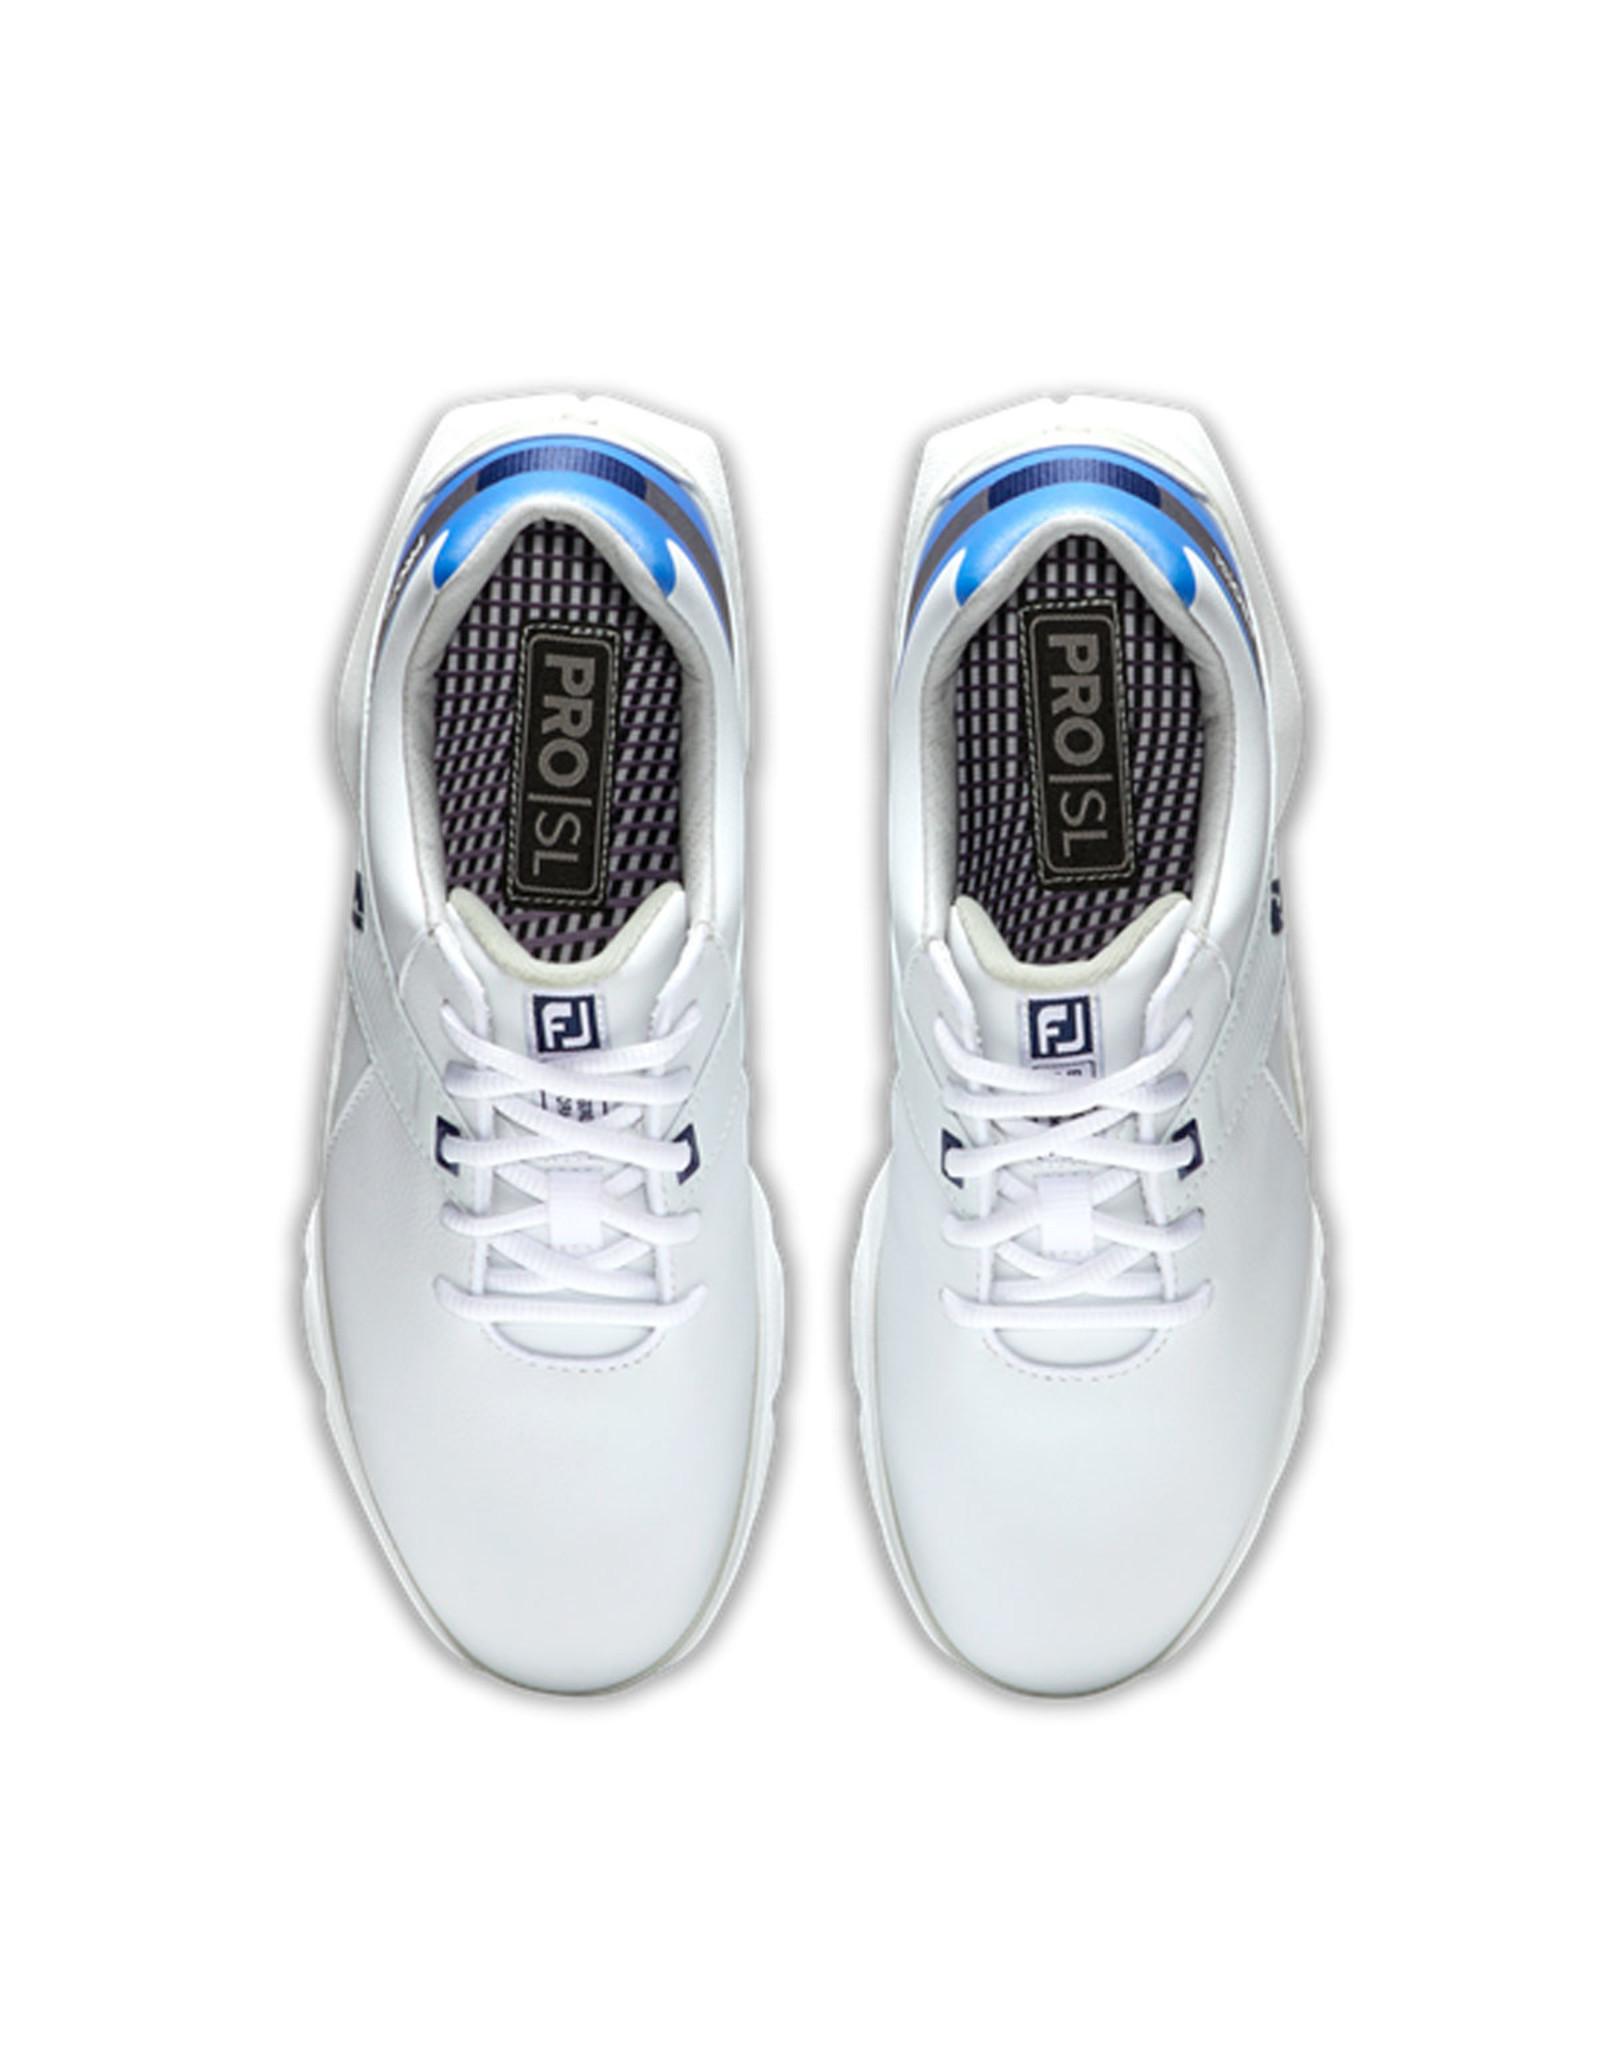 FootJoy FootJoy Women's Pro SL White/Blue